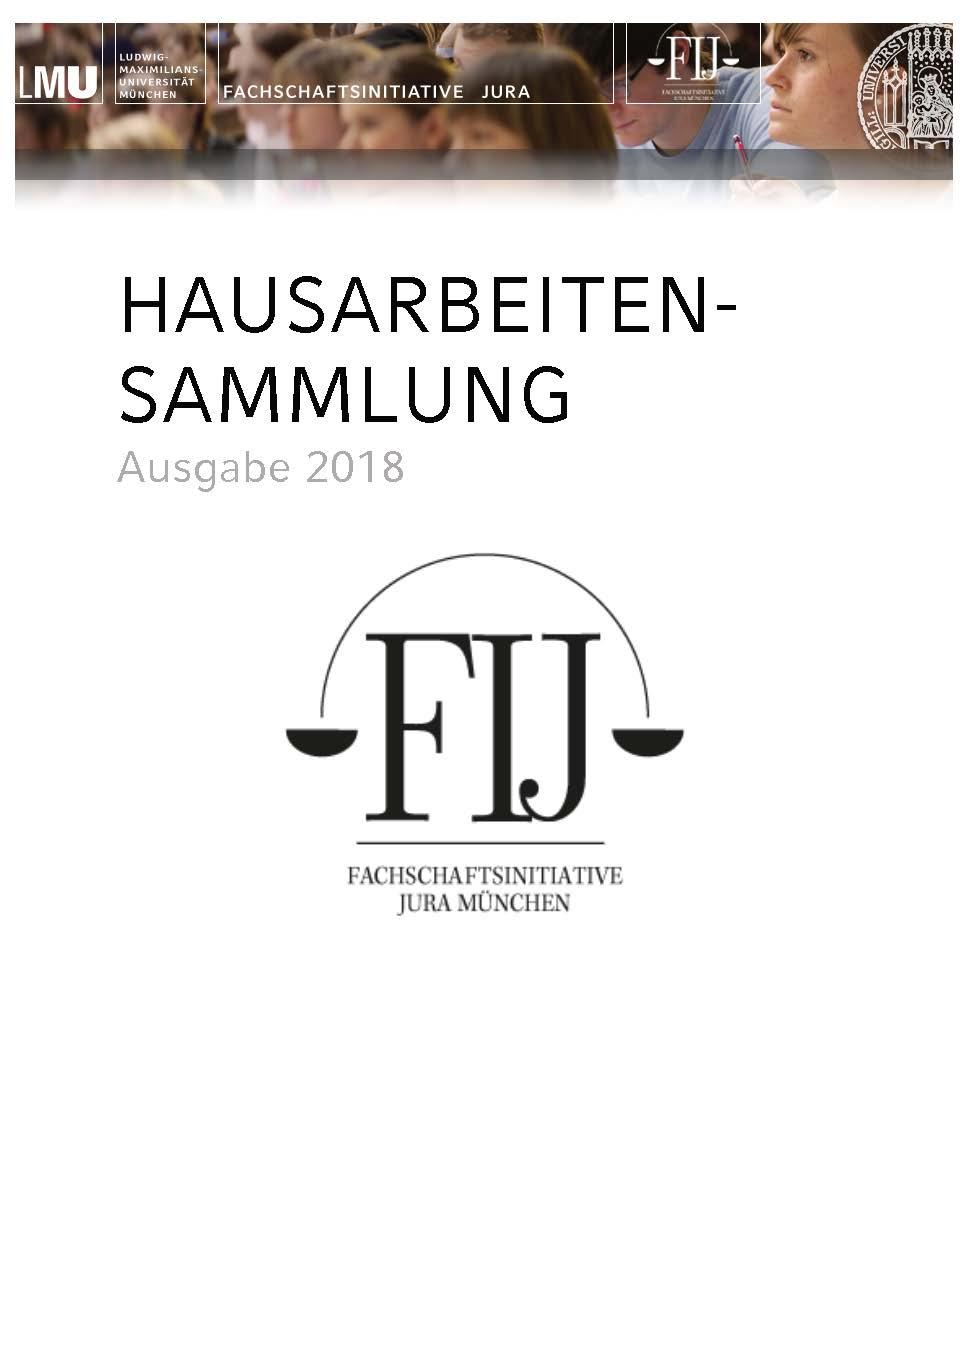 Hausarbeitensammlung fachschaft jura lmu forum information